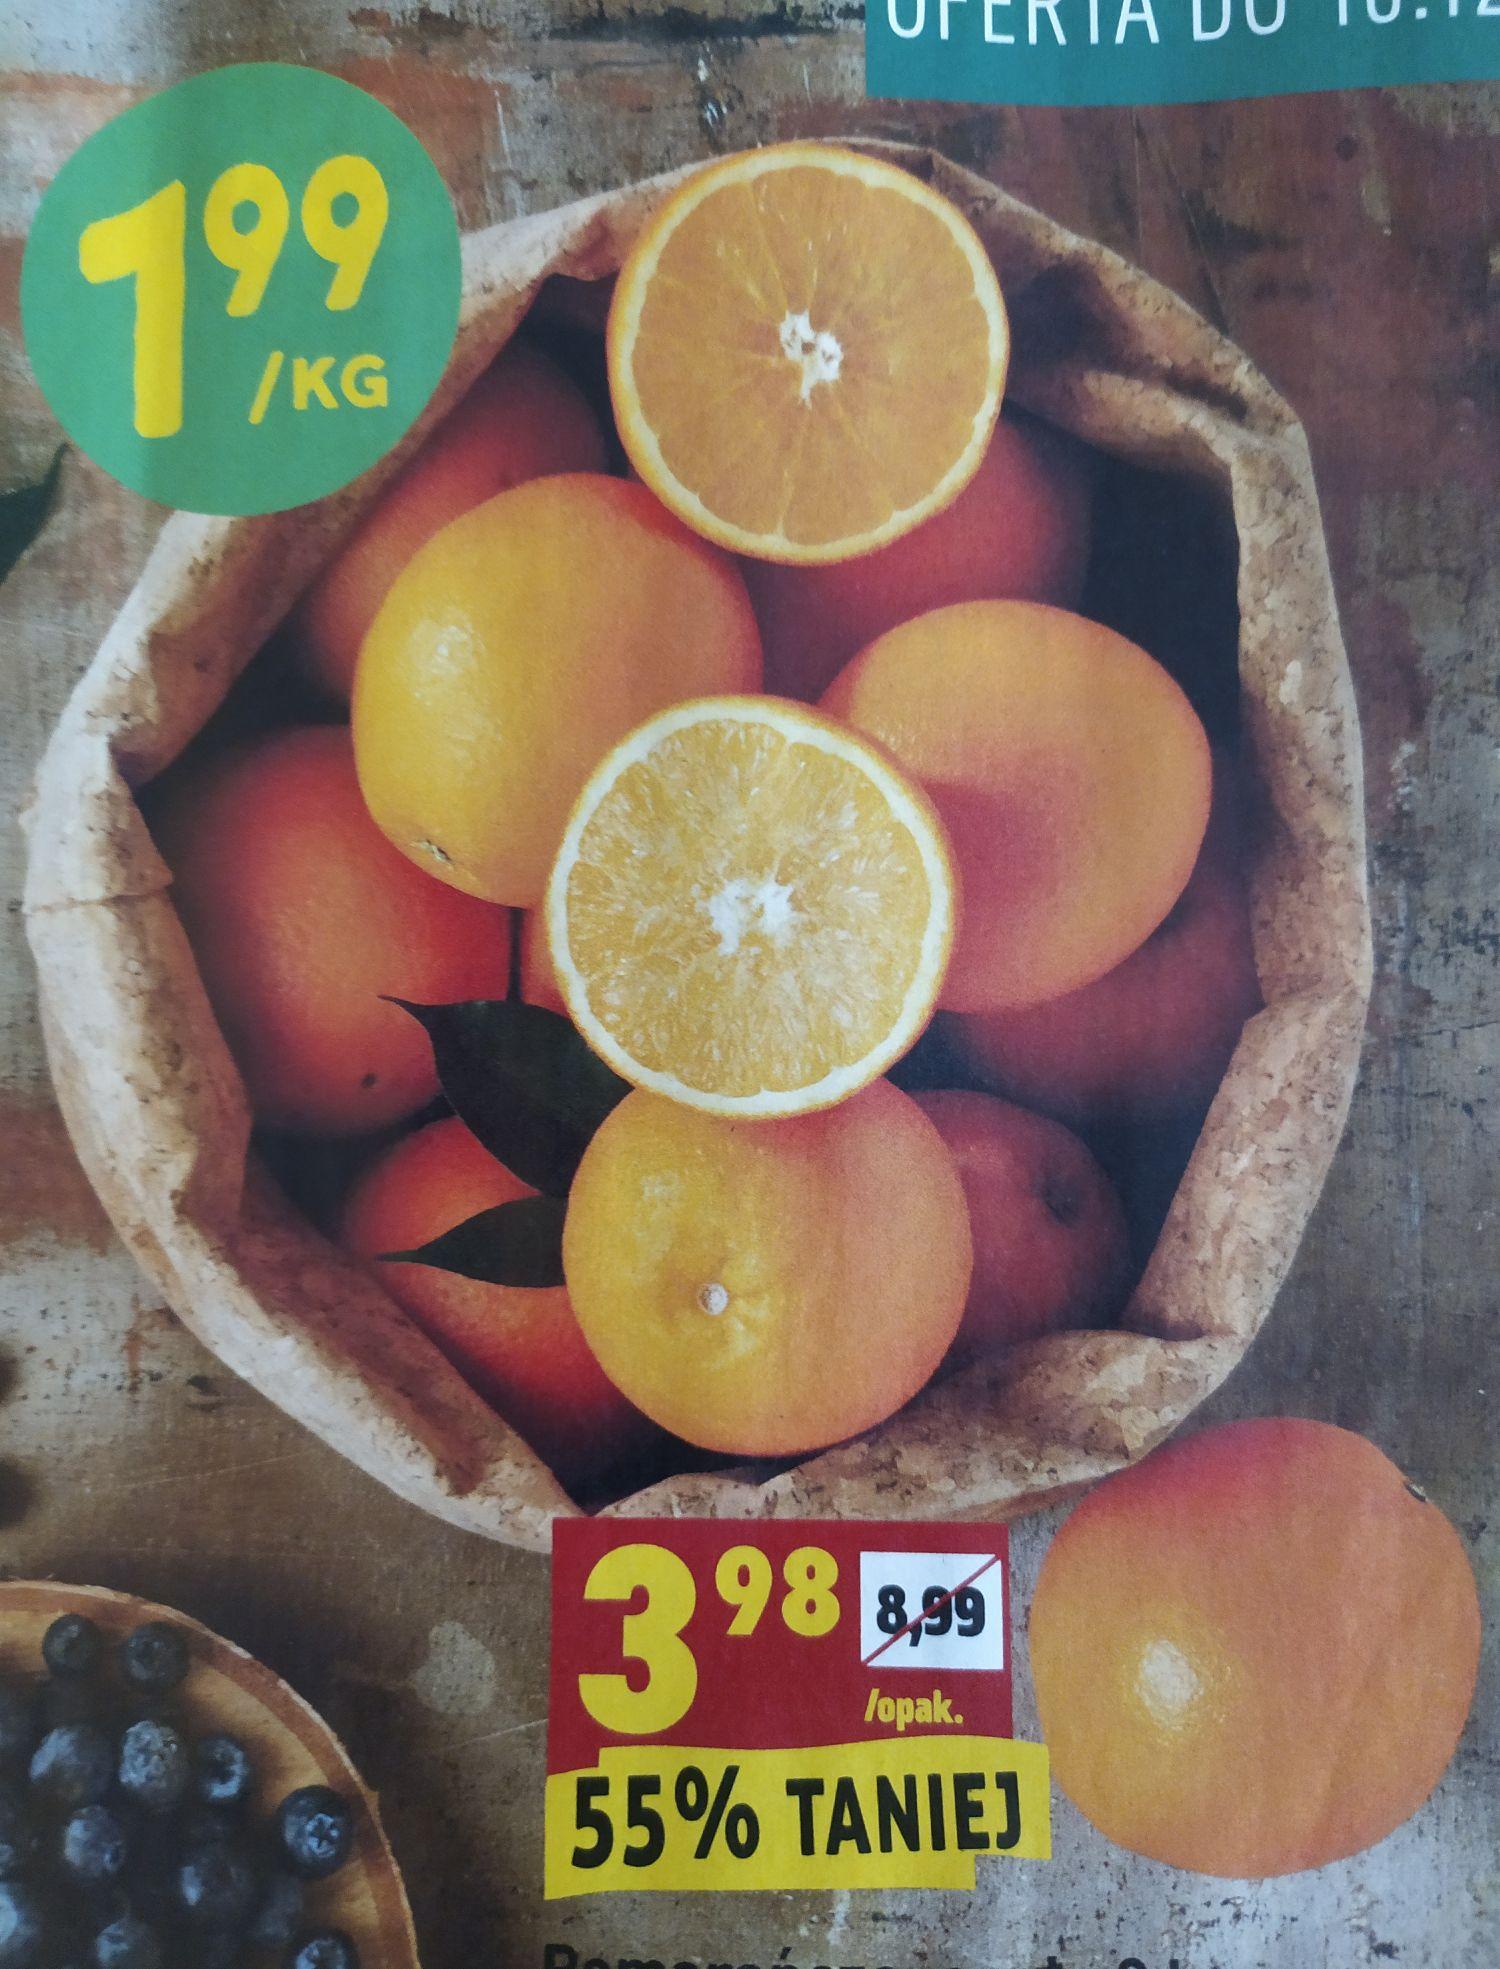 Pomarańcze i mandarynki - Biedronka